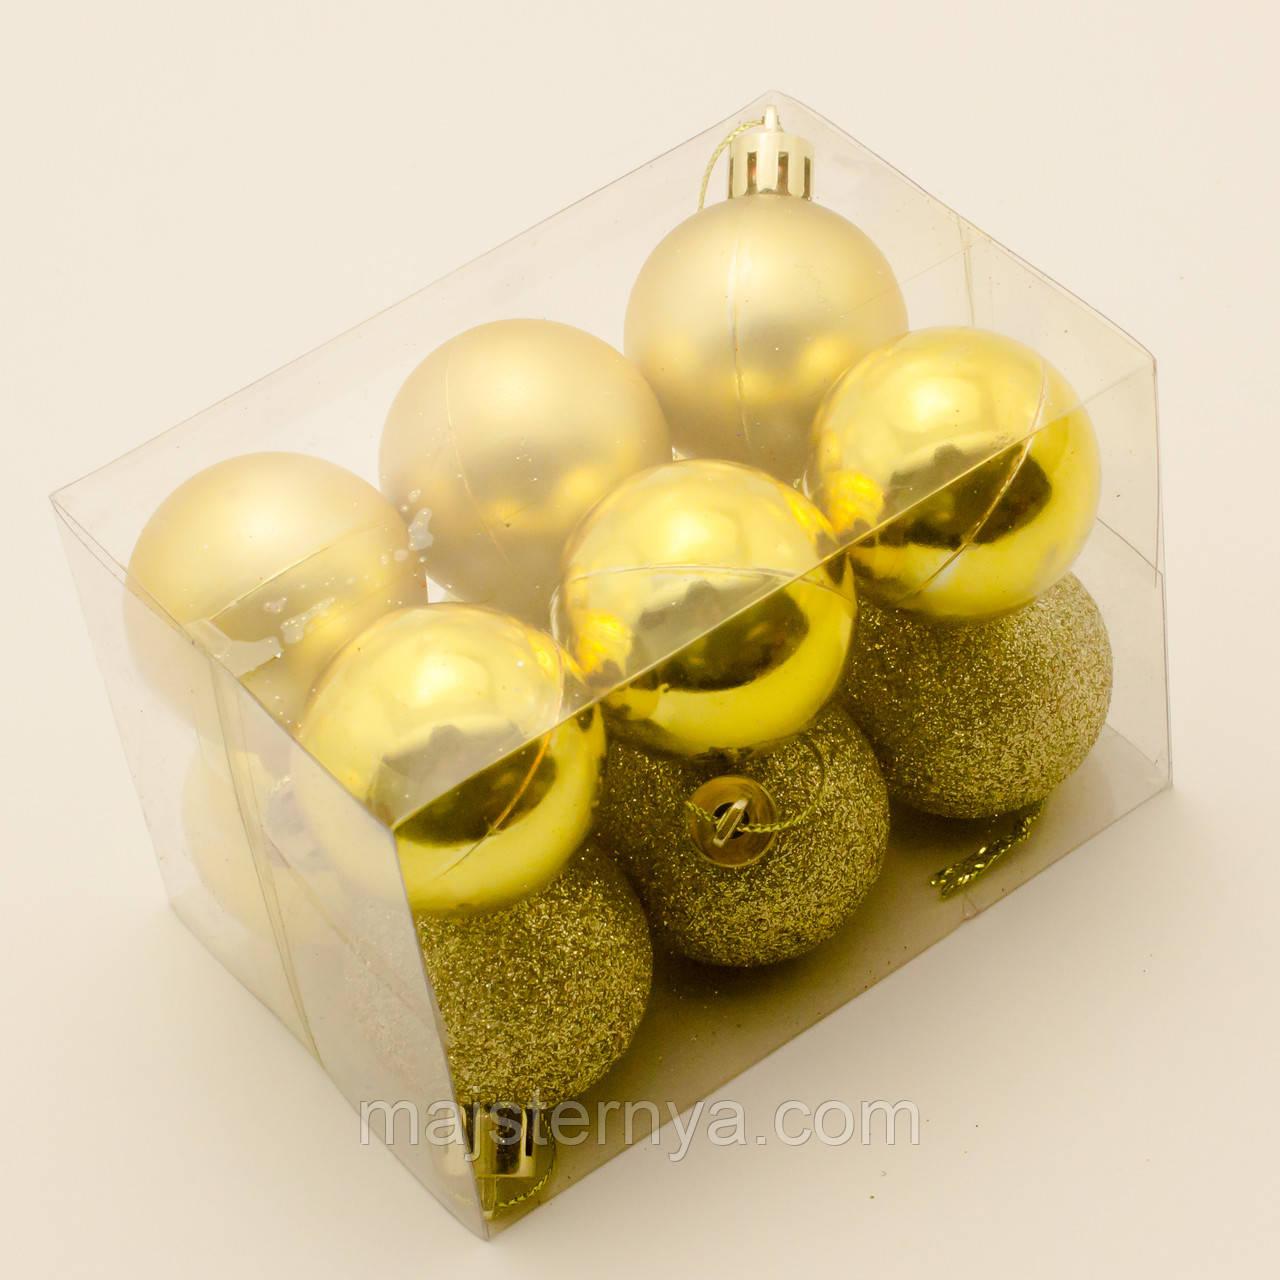 Новорічні кулі на ялинку 4см (12шт в упаковці) золотисті